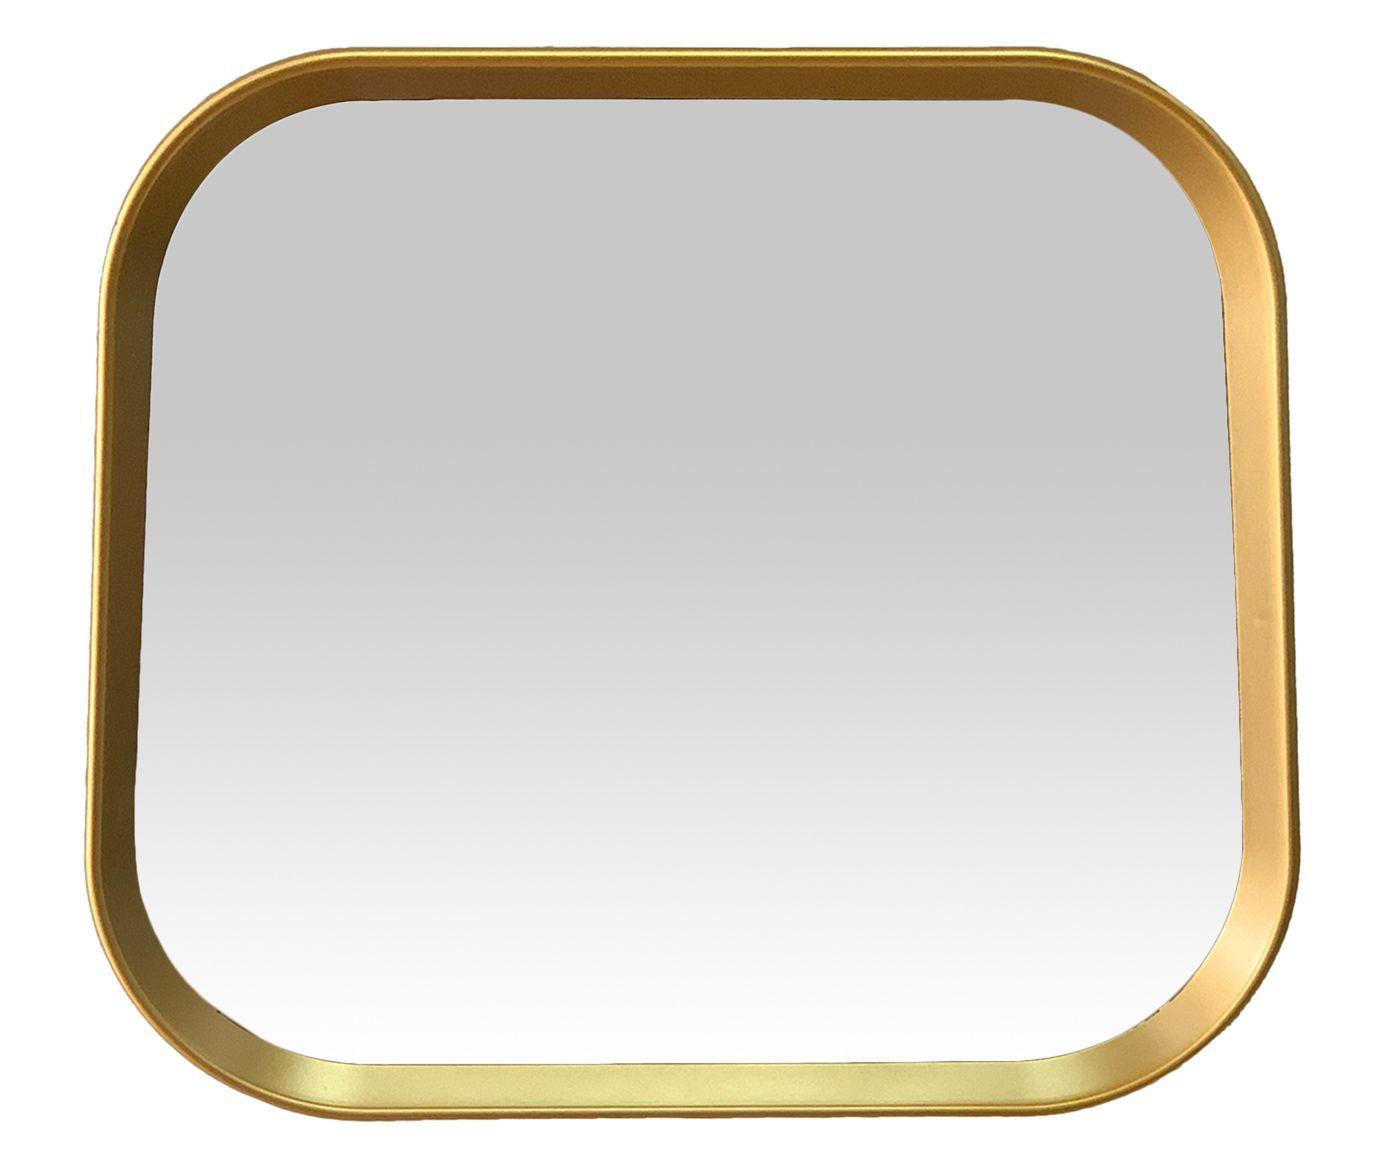 Espelho de Parede Bordi Dourado - 38X33X3cm | Westwing.com.br